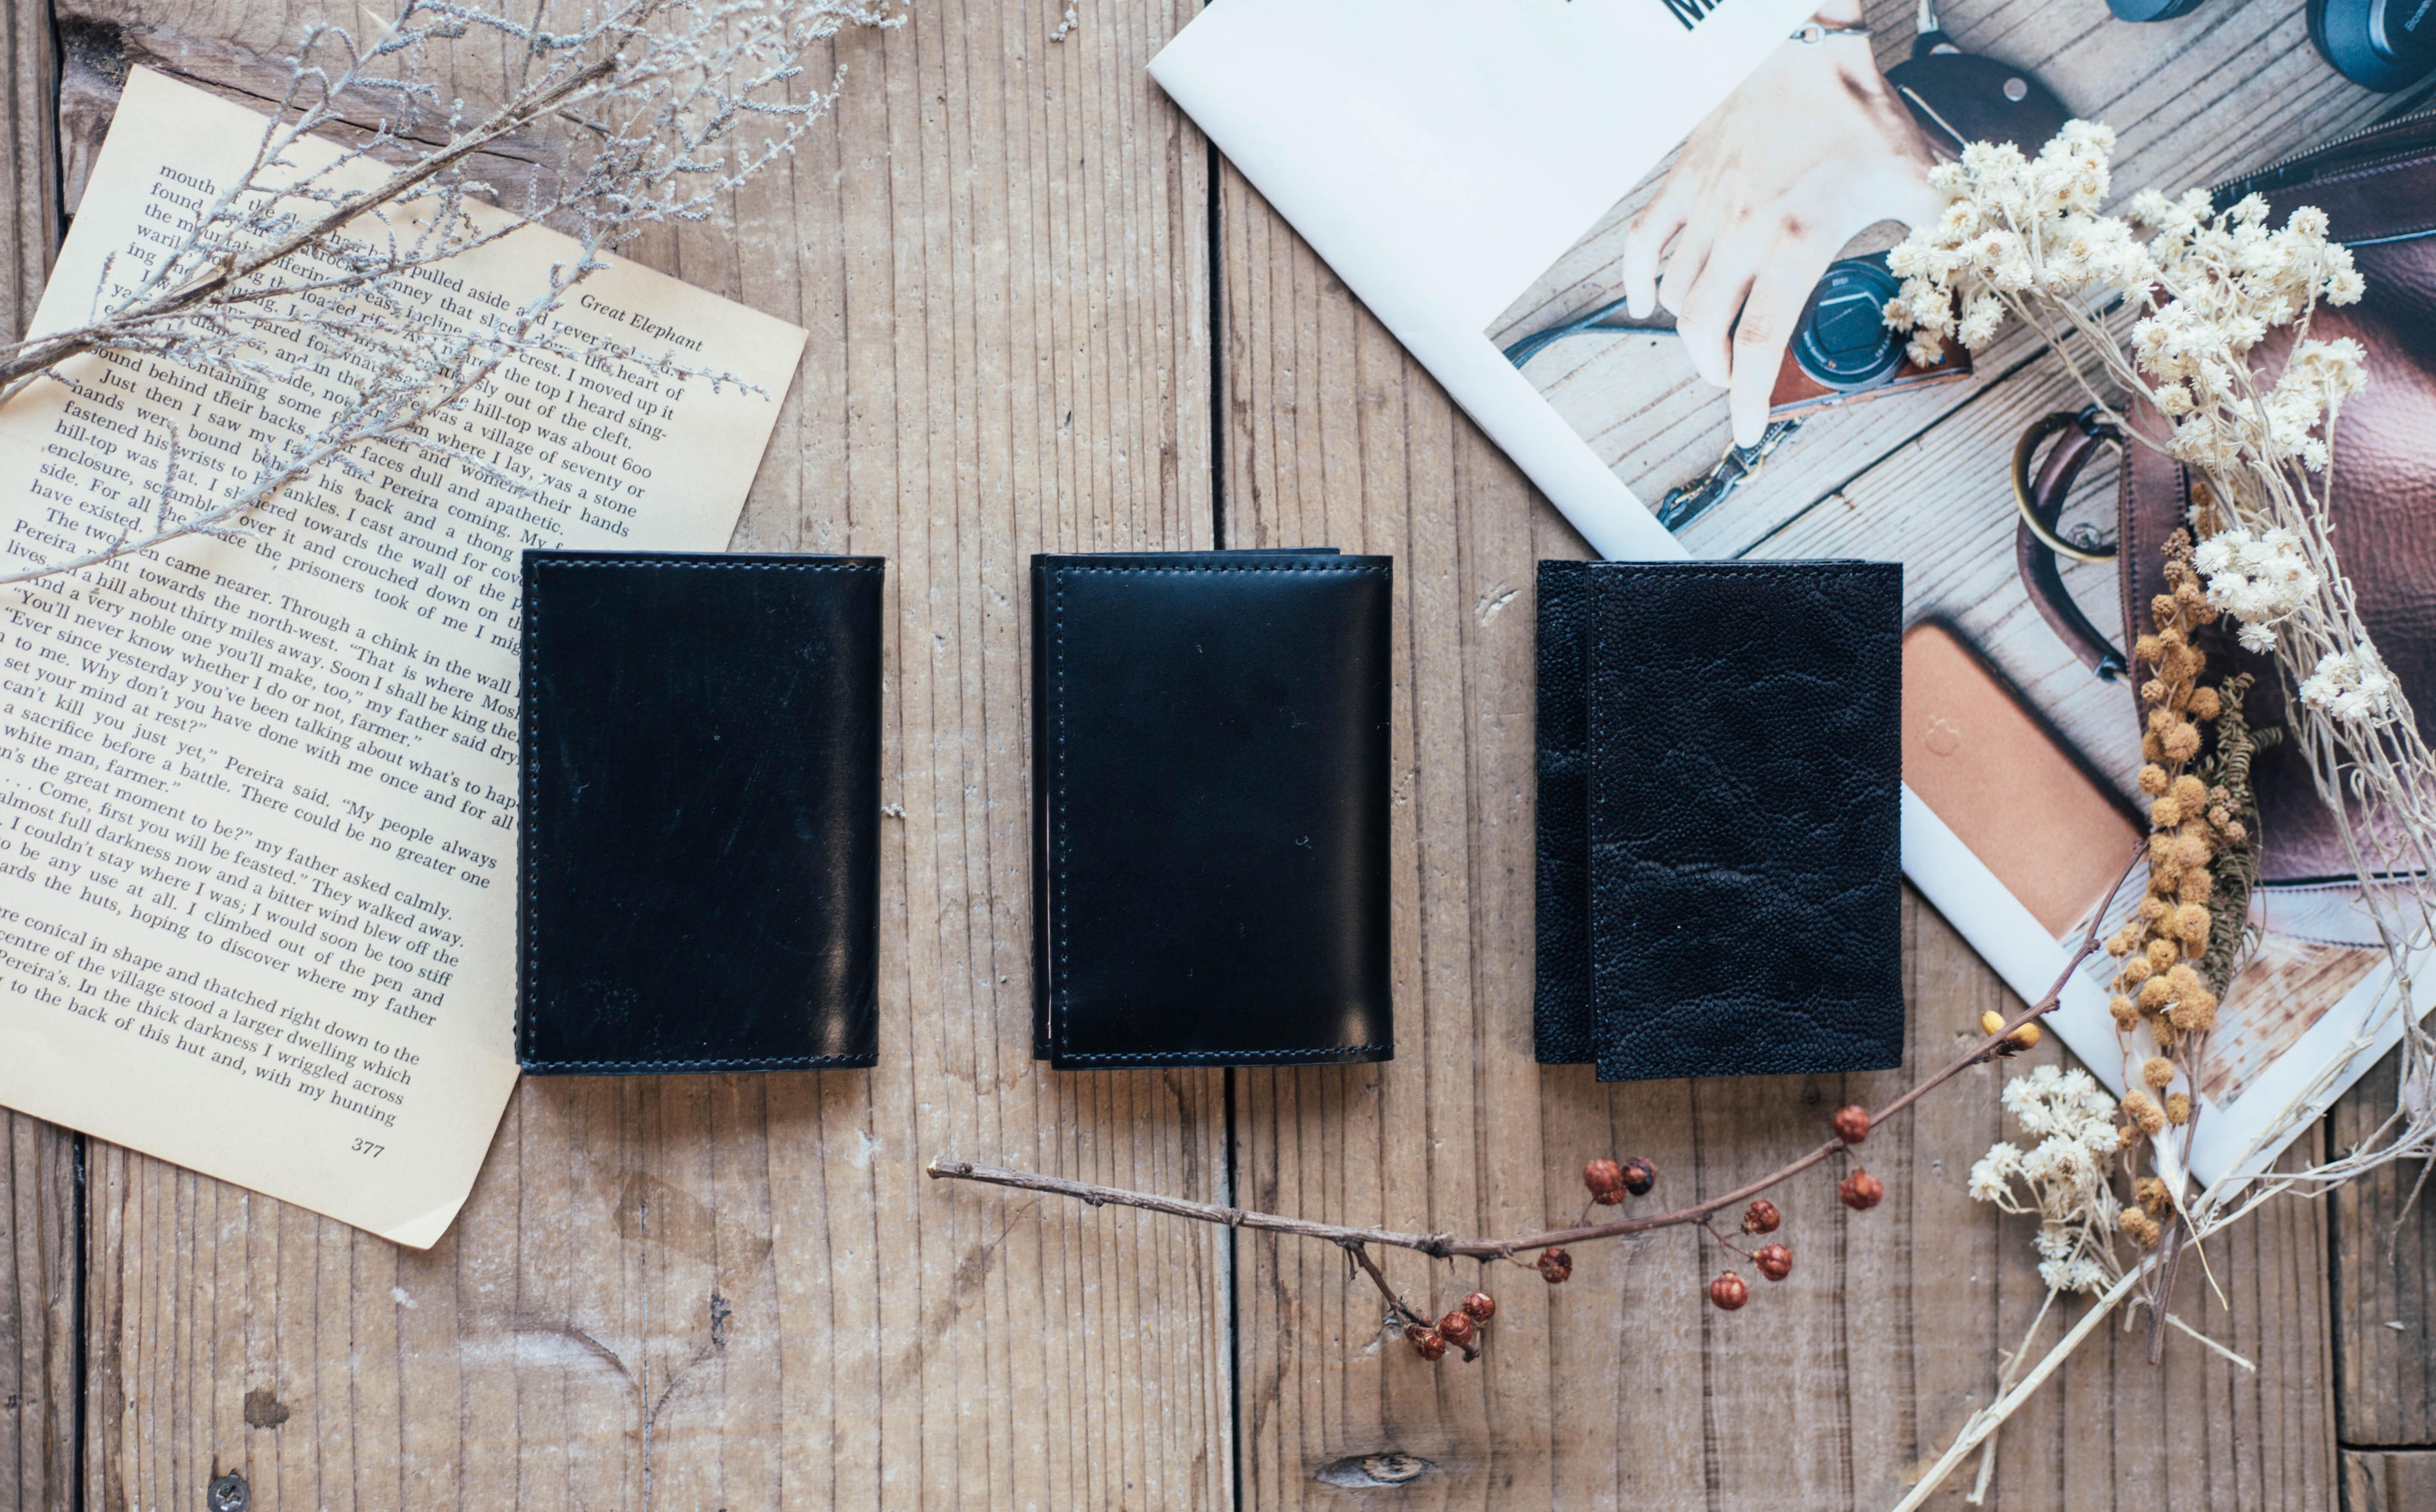 【コードバン】キャッシュレス時代の理想の財布「PRESSo Noir」